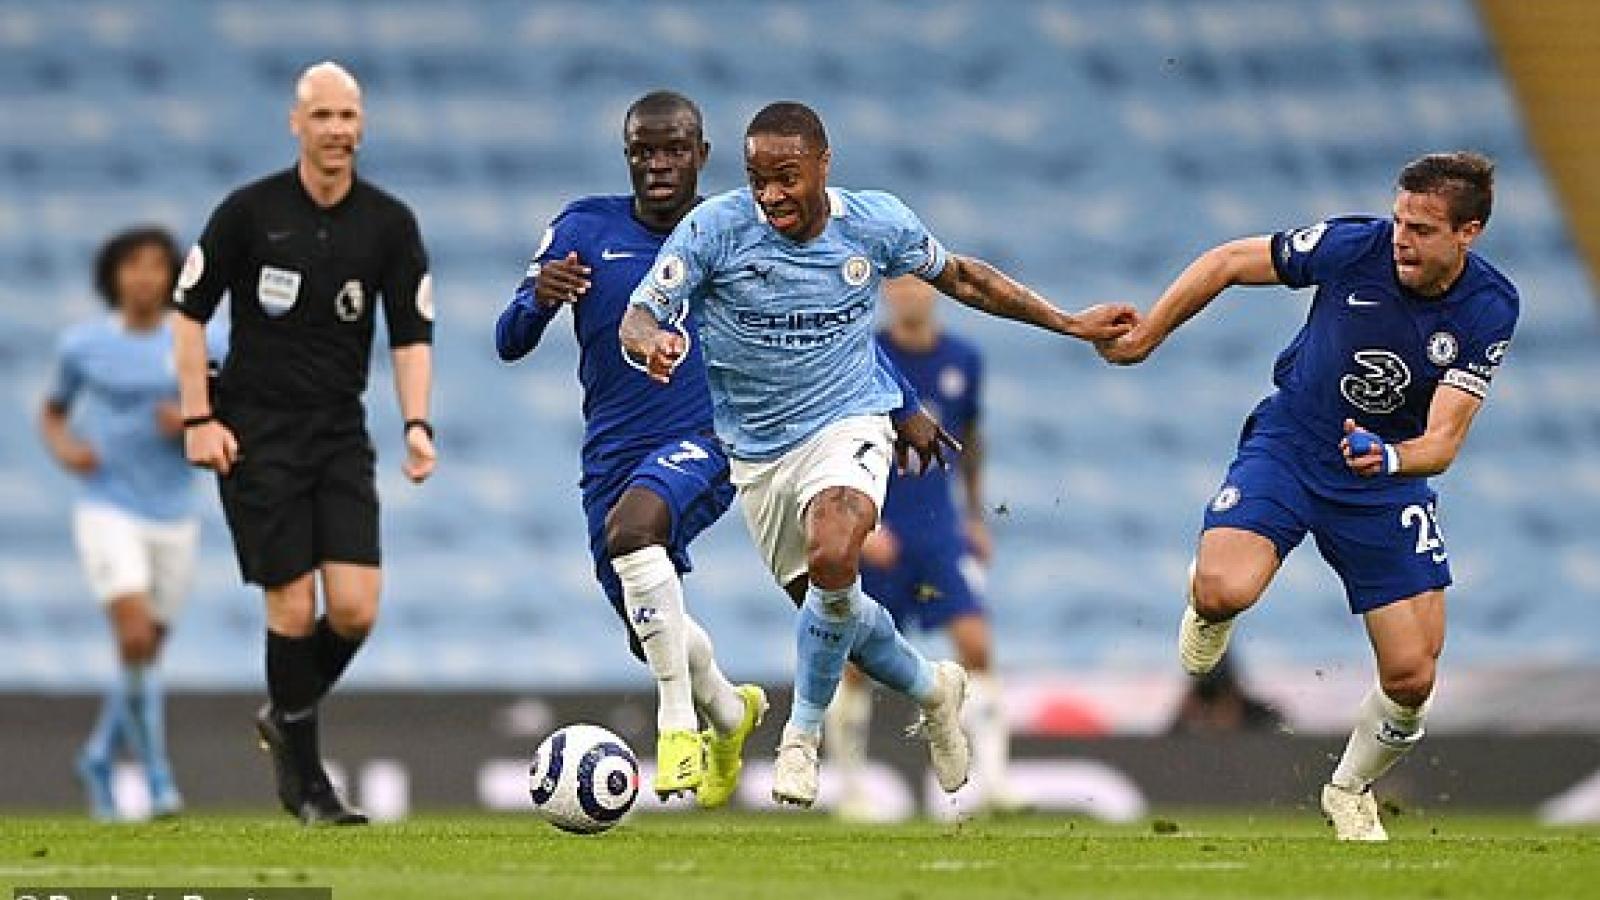 TRỰC TIẾP Man City 1-0 Chelsea: Sterling mở tỷ số, Aguero đá hỏng phạt đền